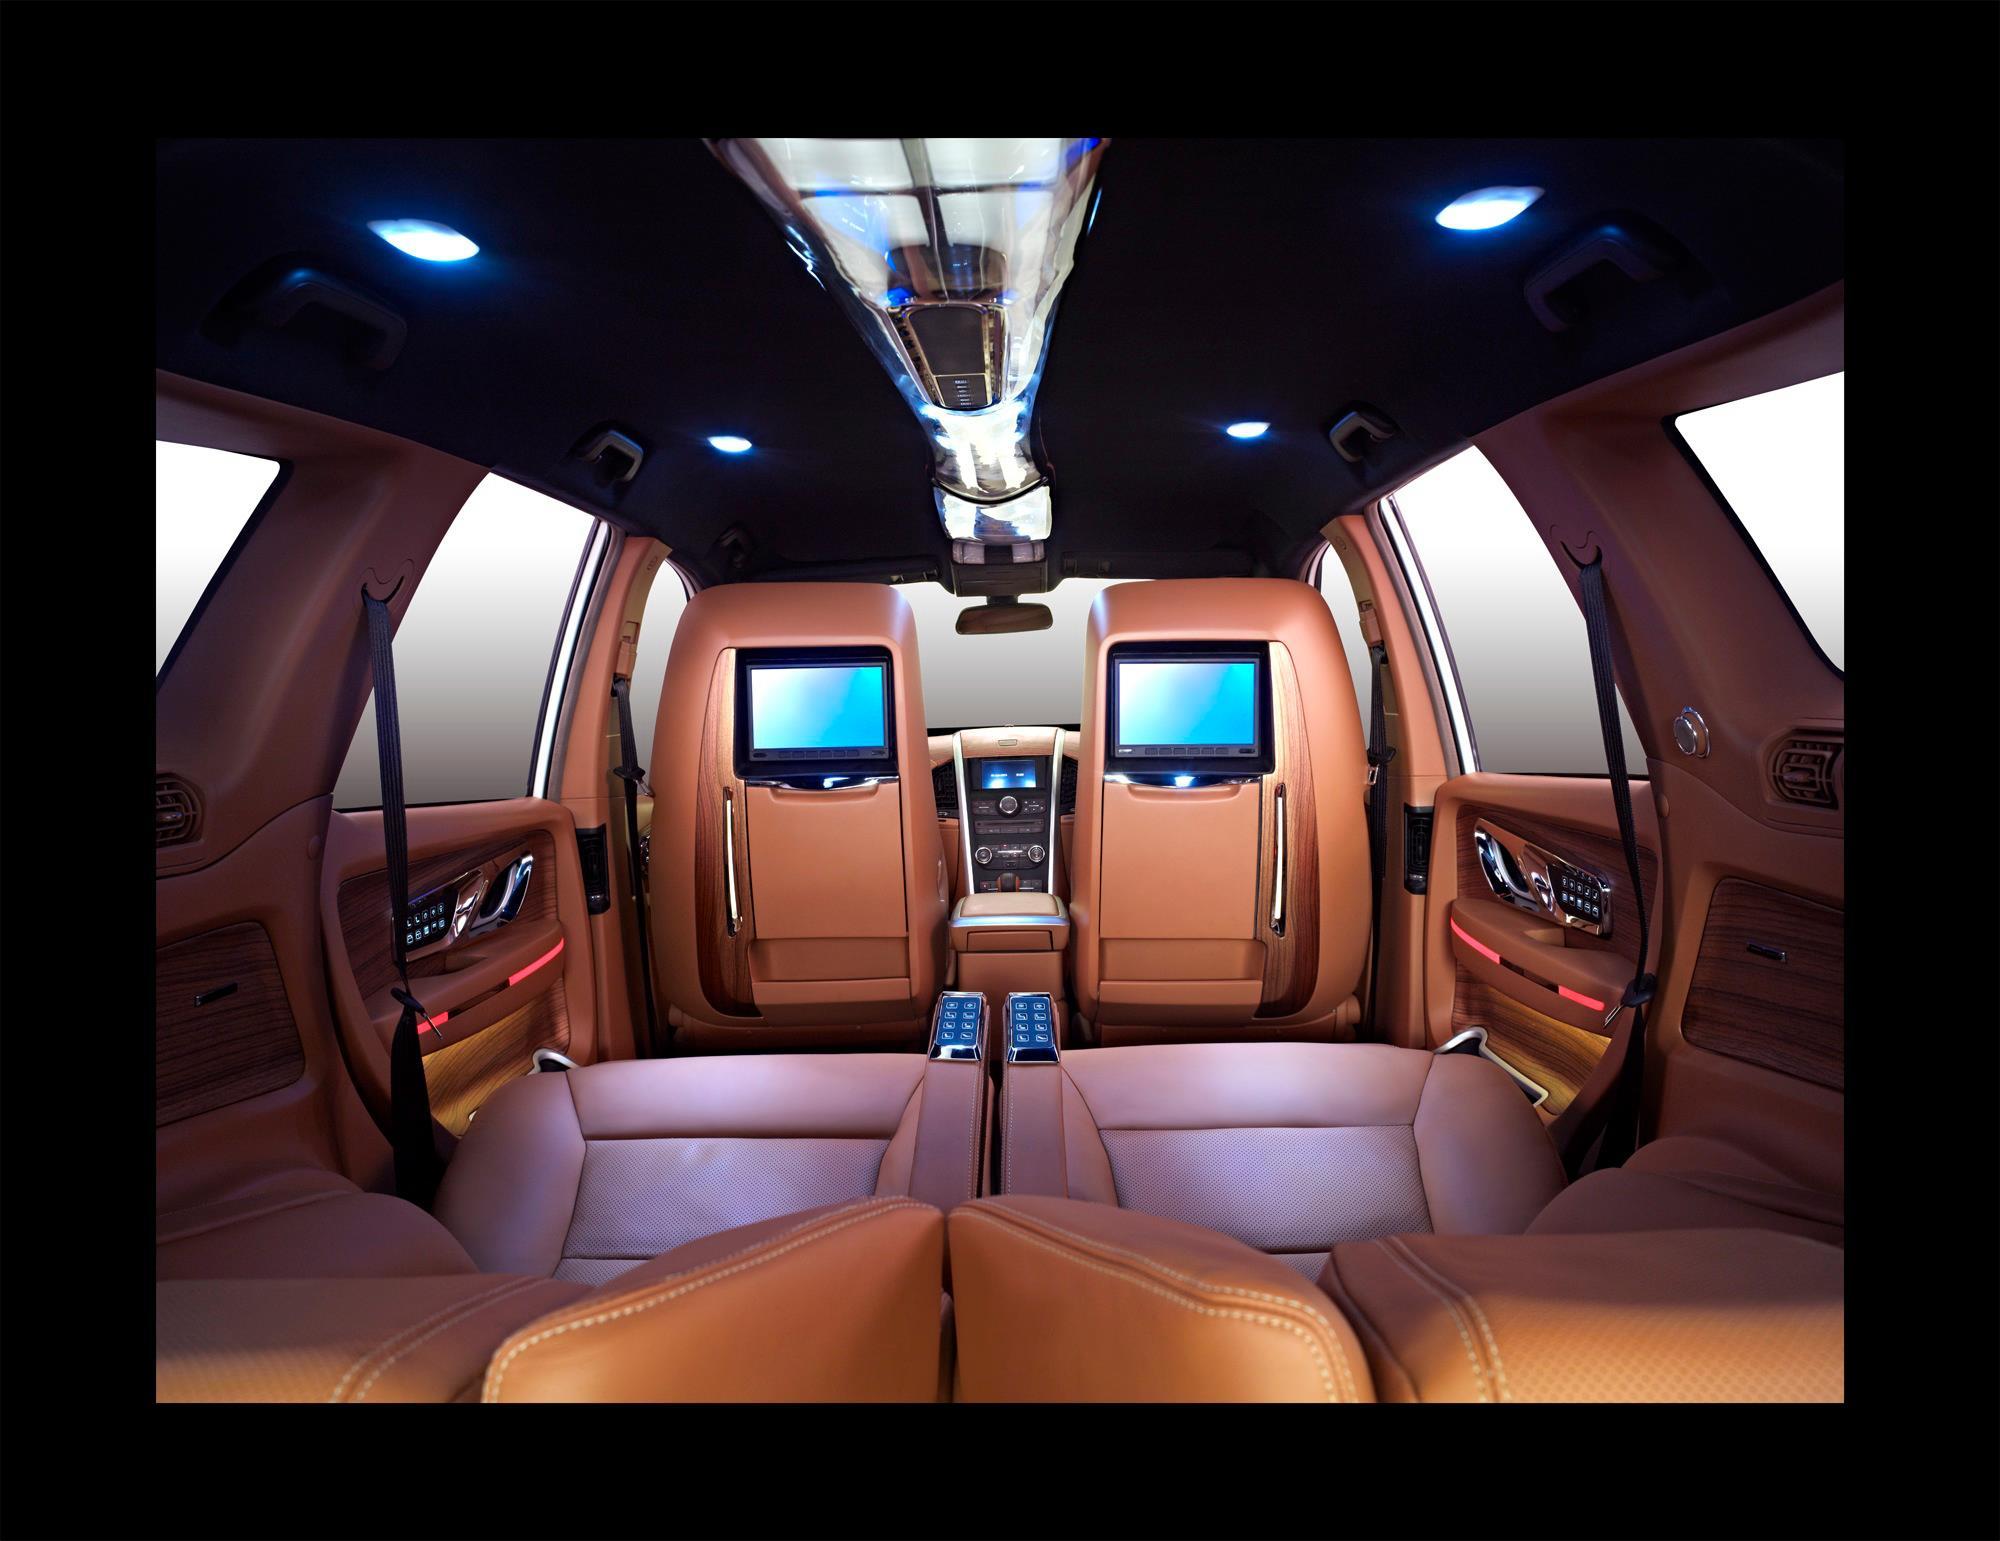 Mahindra XUV500 DC Design rear seat facing forward